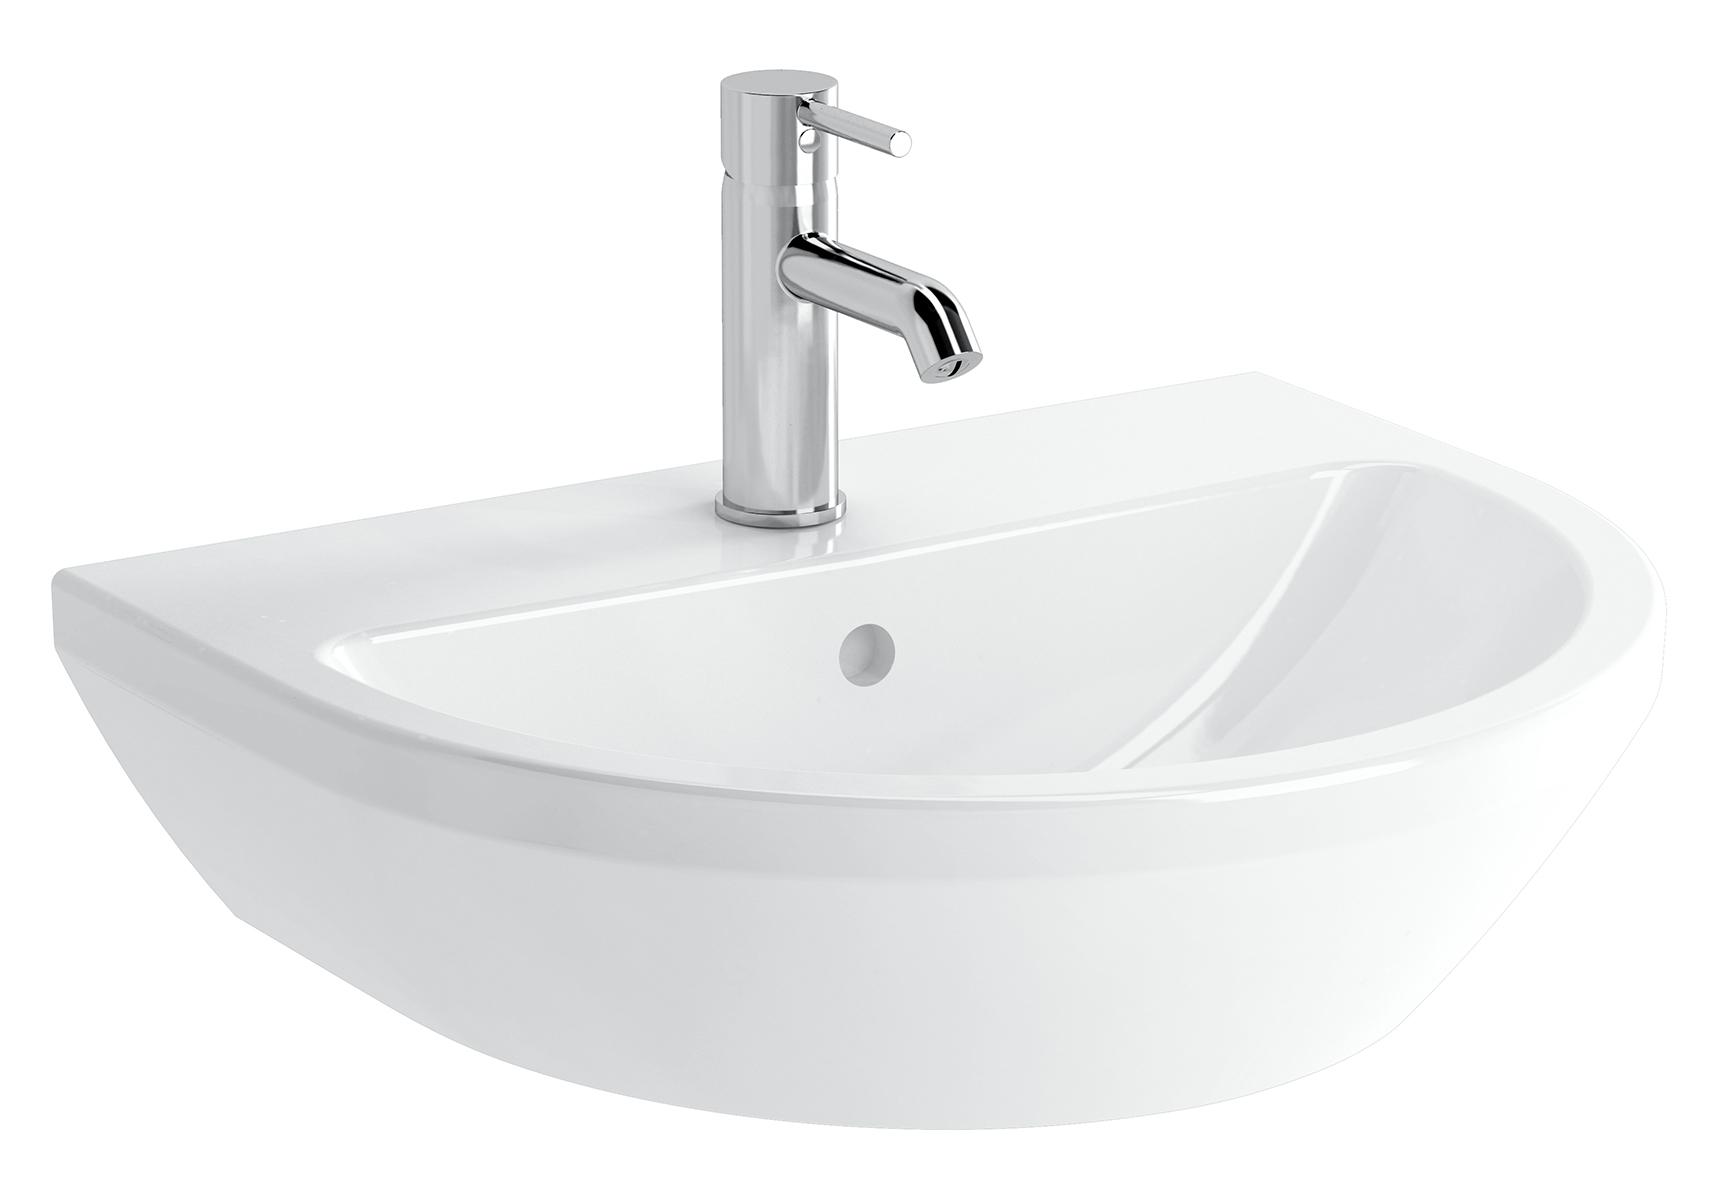 Integra lavabo rond, 55 cm, sans trou de robinet, sans trop-plein